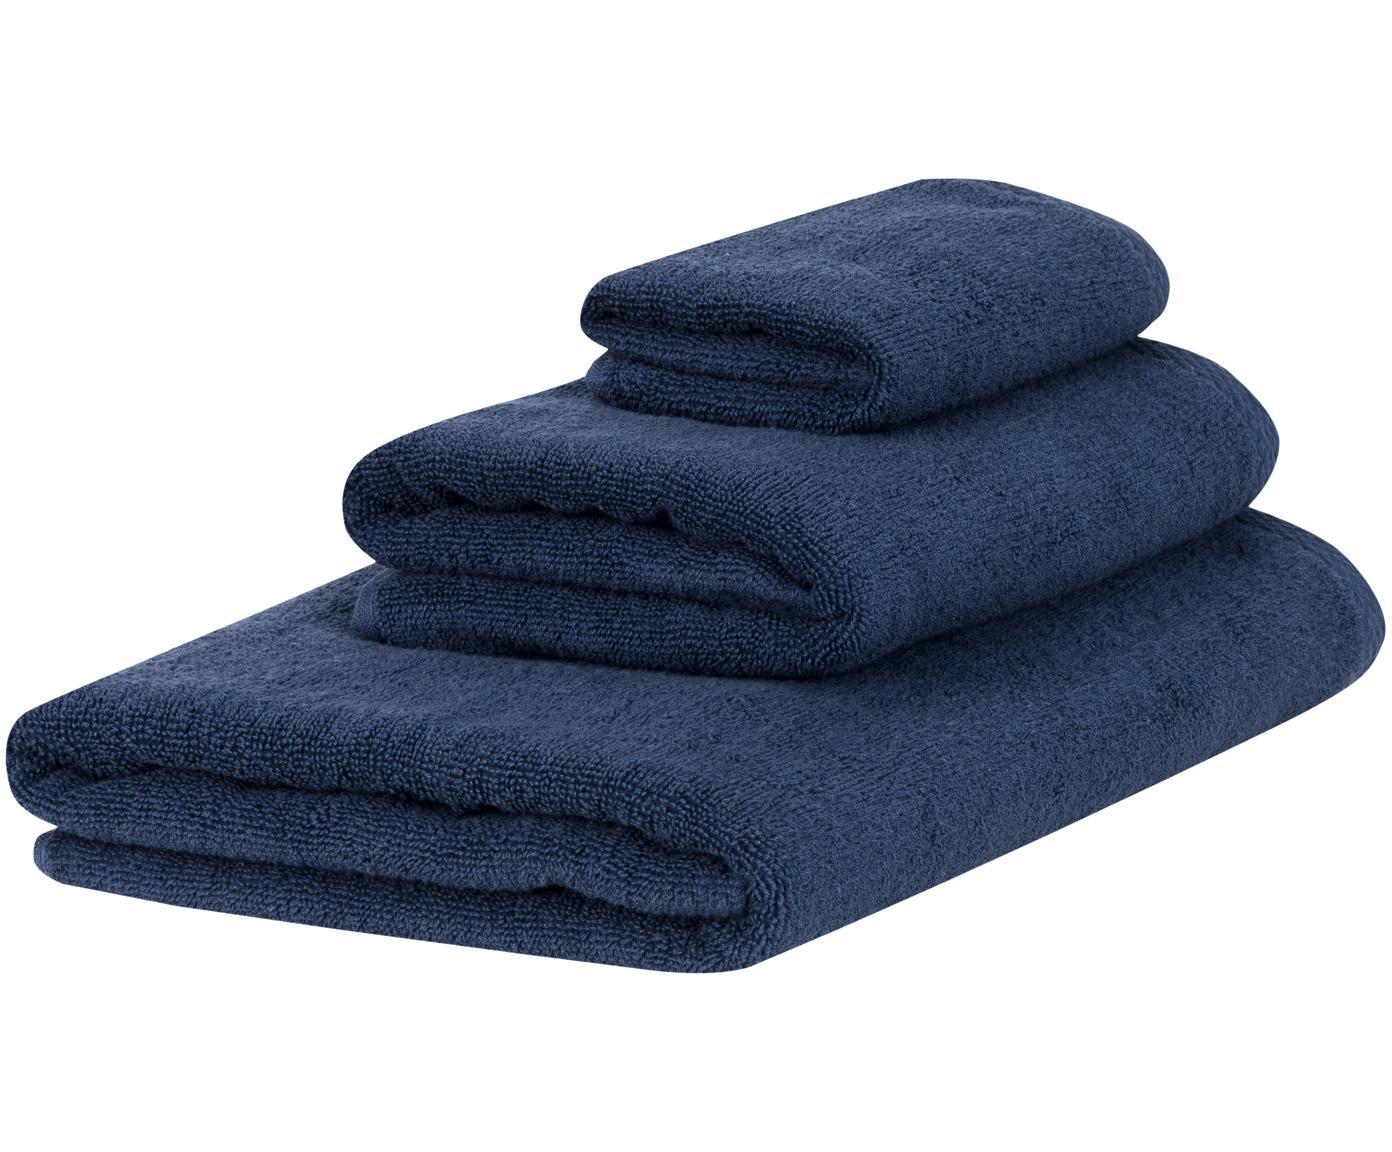 Handdoekenset Comfort, 3-delig, 100% katoen, middelzware kwaliteit, 450 g/m², Donkerblauw, Verschillende formaten